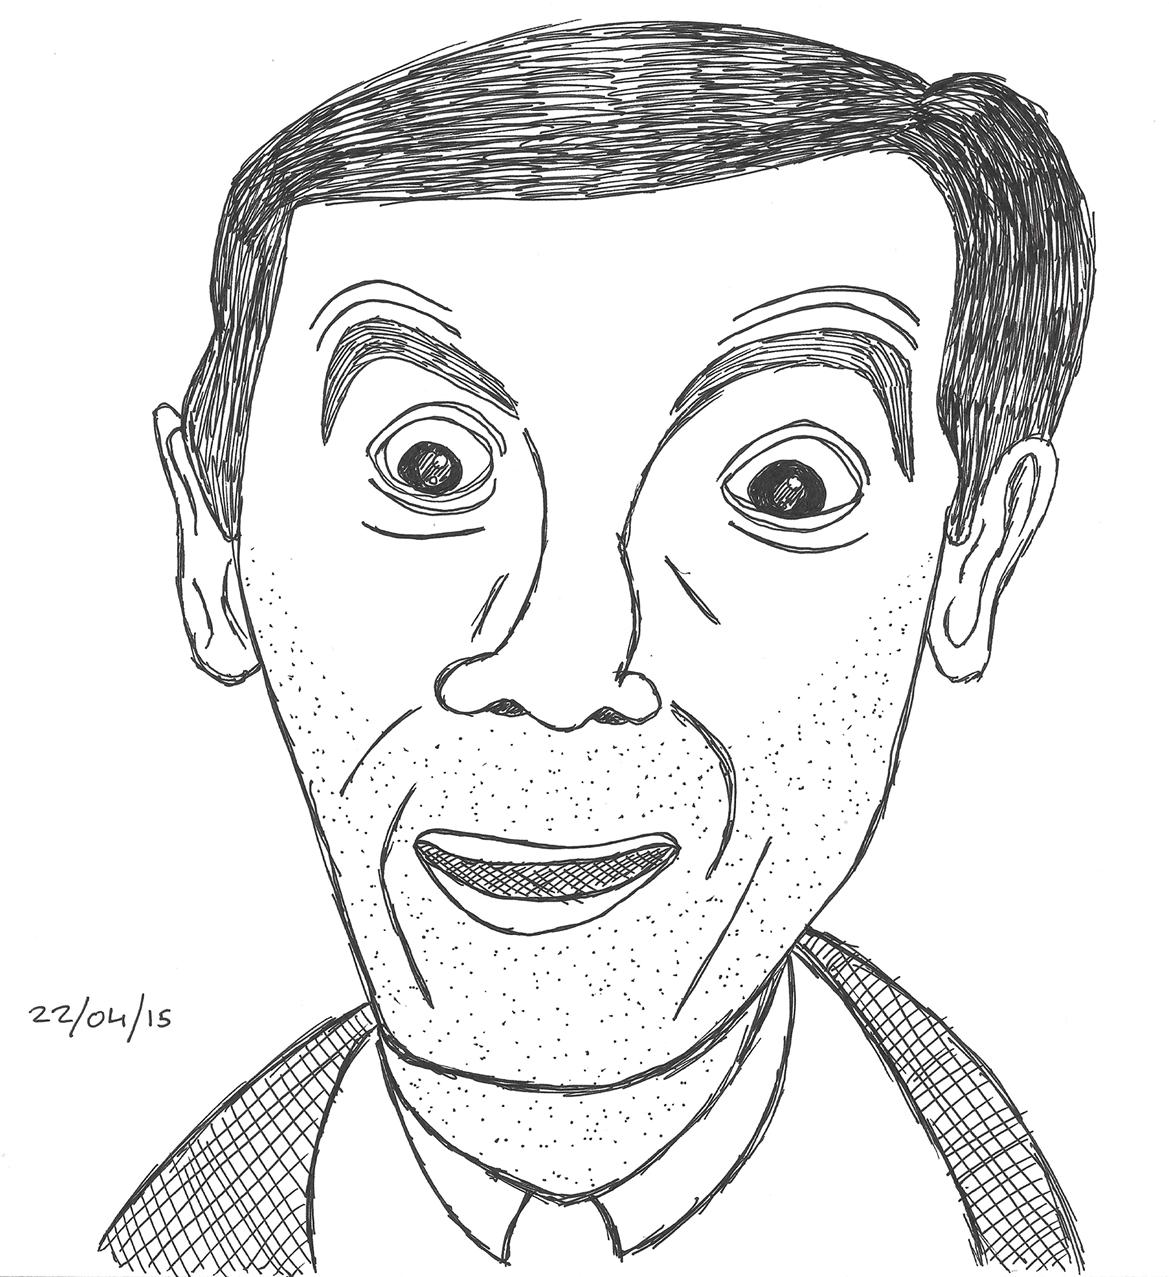 Mr_Bean_22_04_15